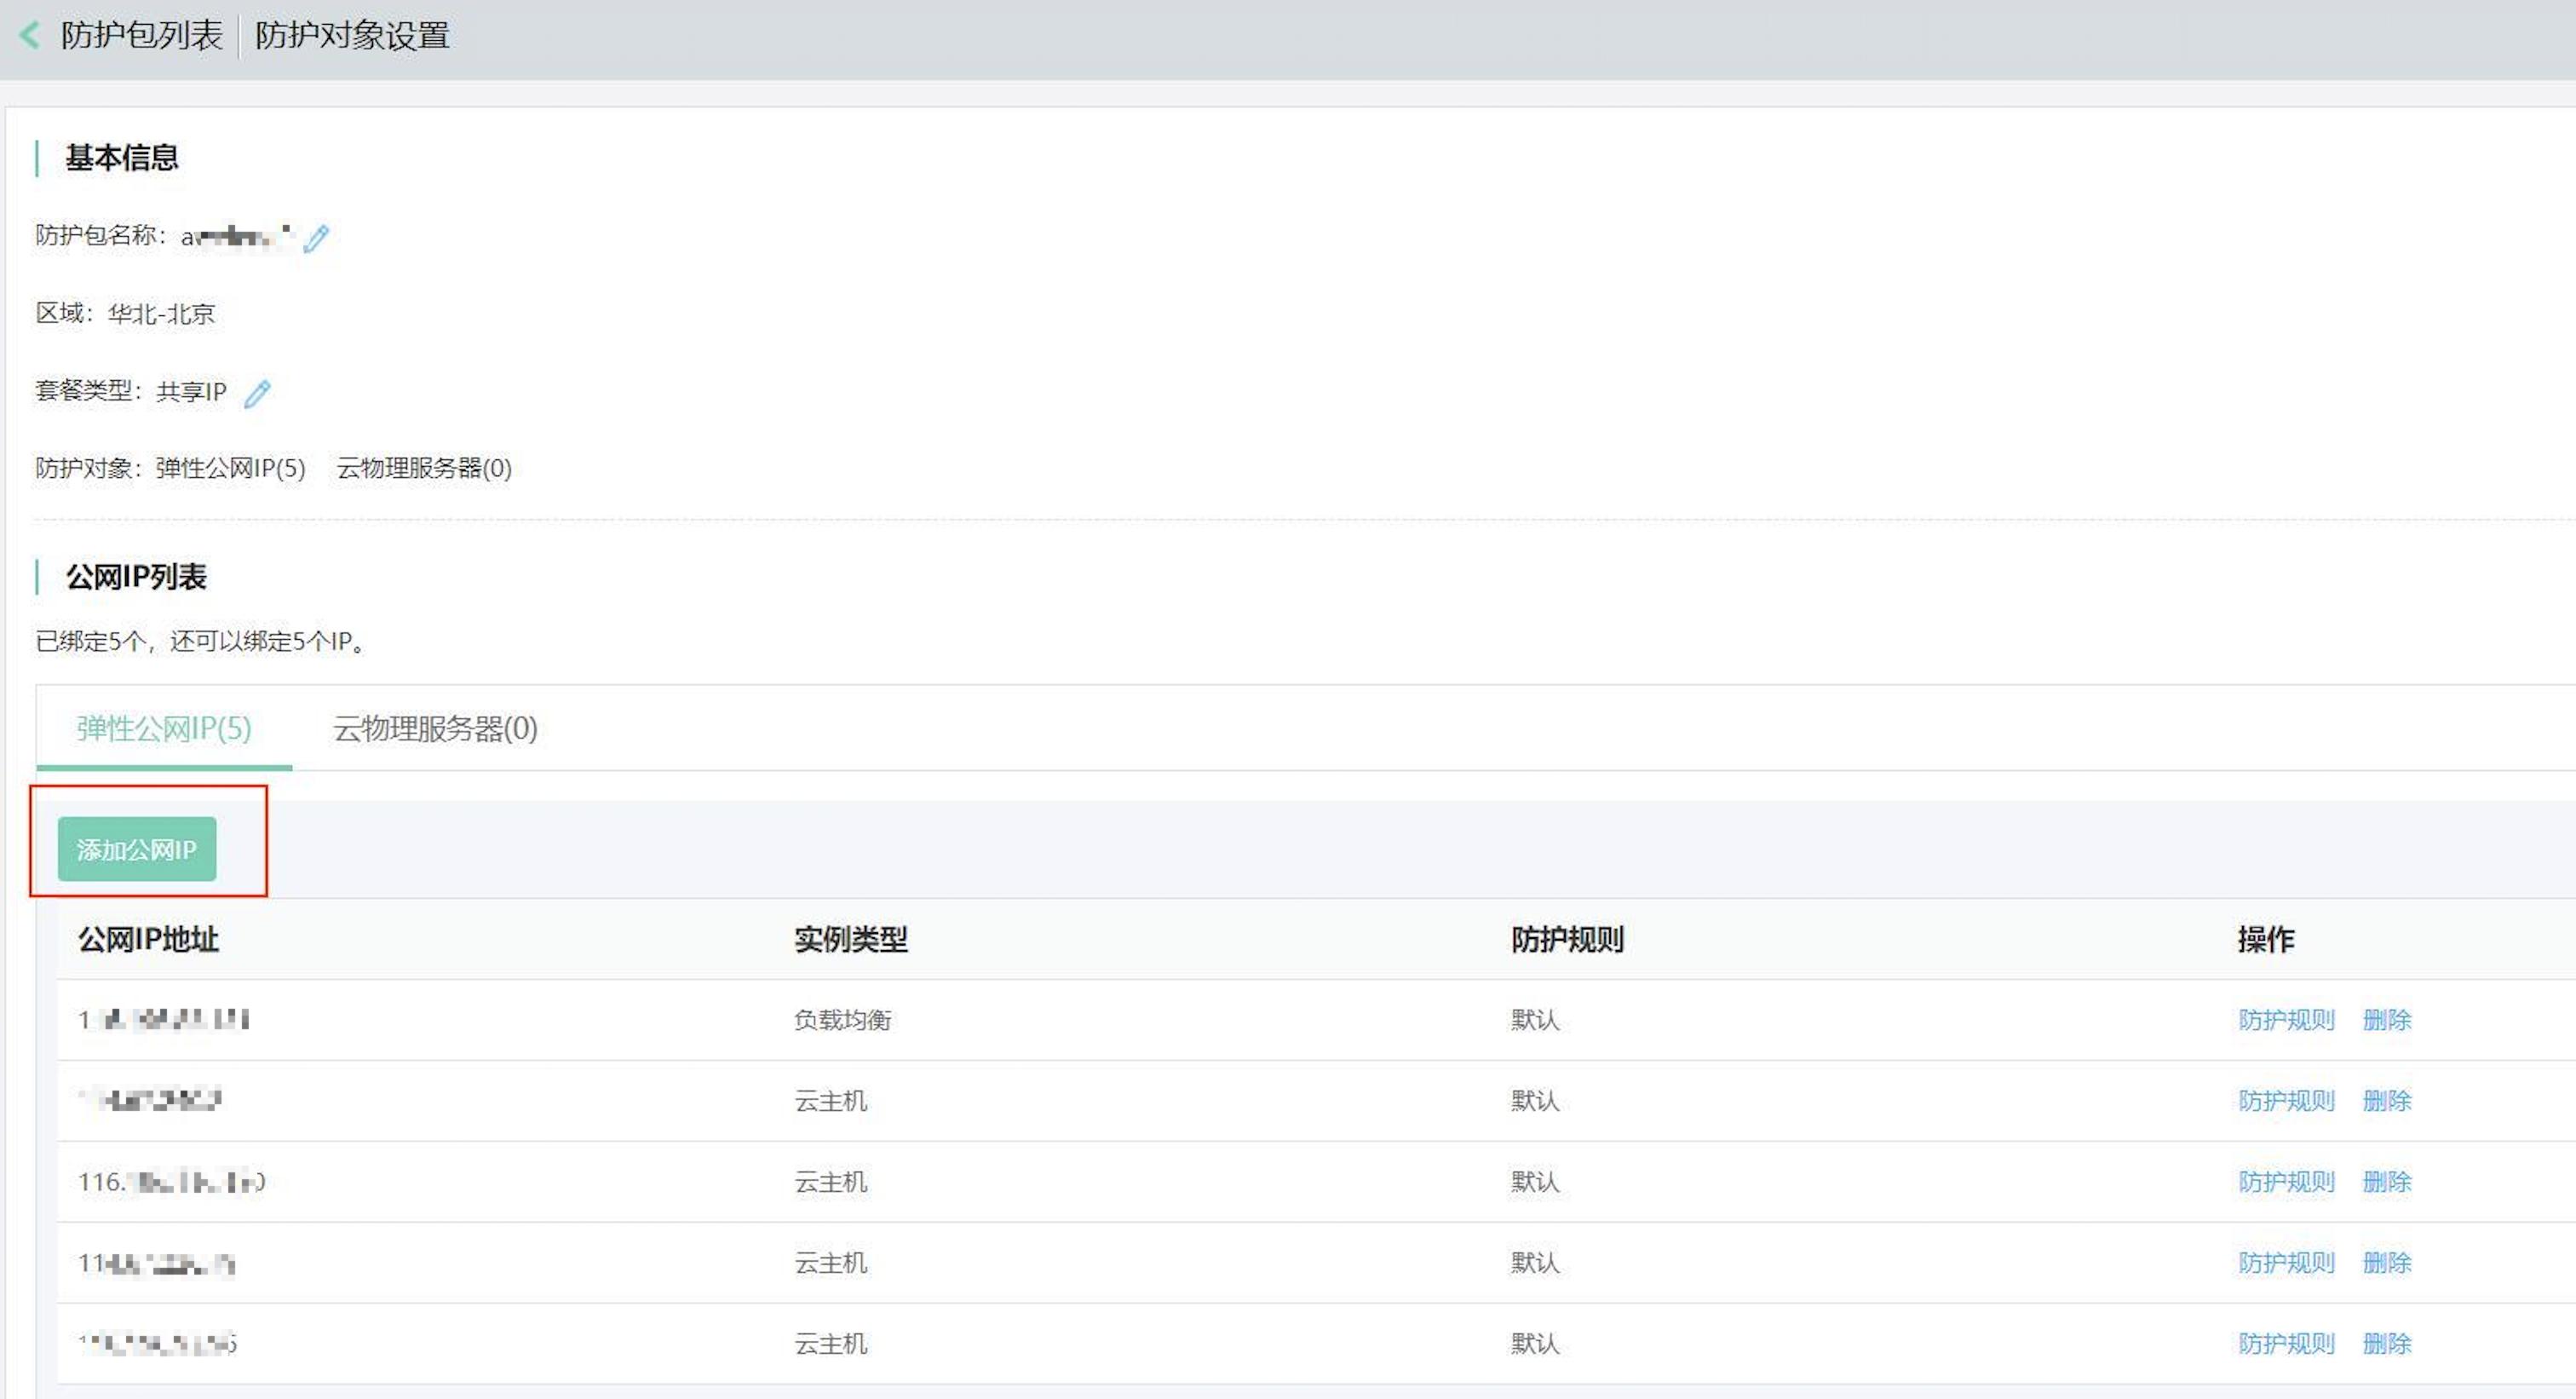 防护包详情页-添加共享IP